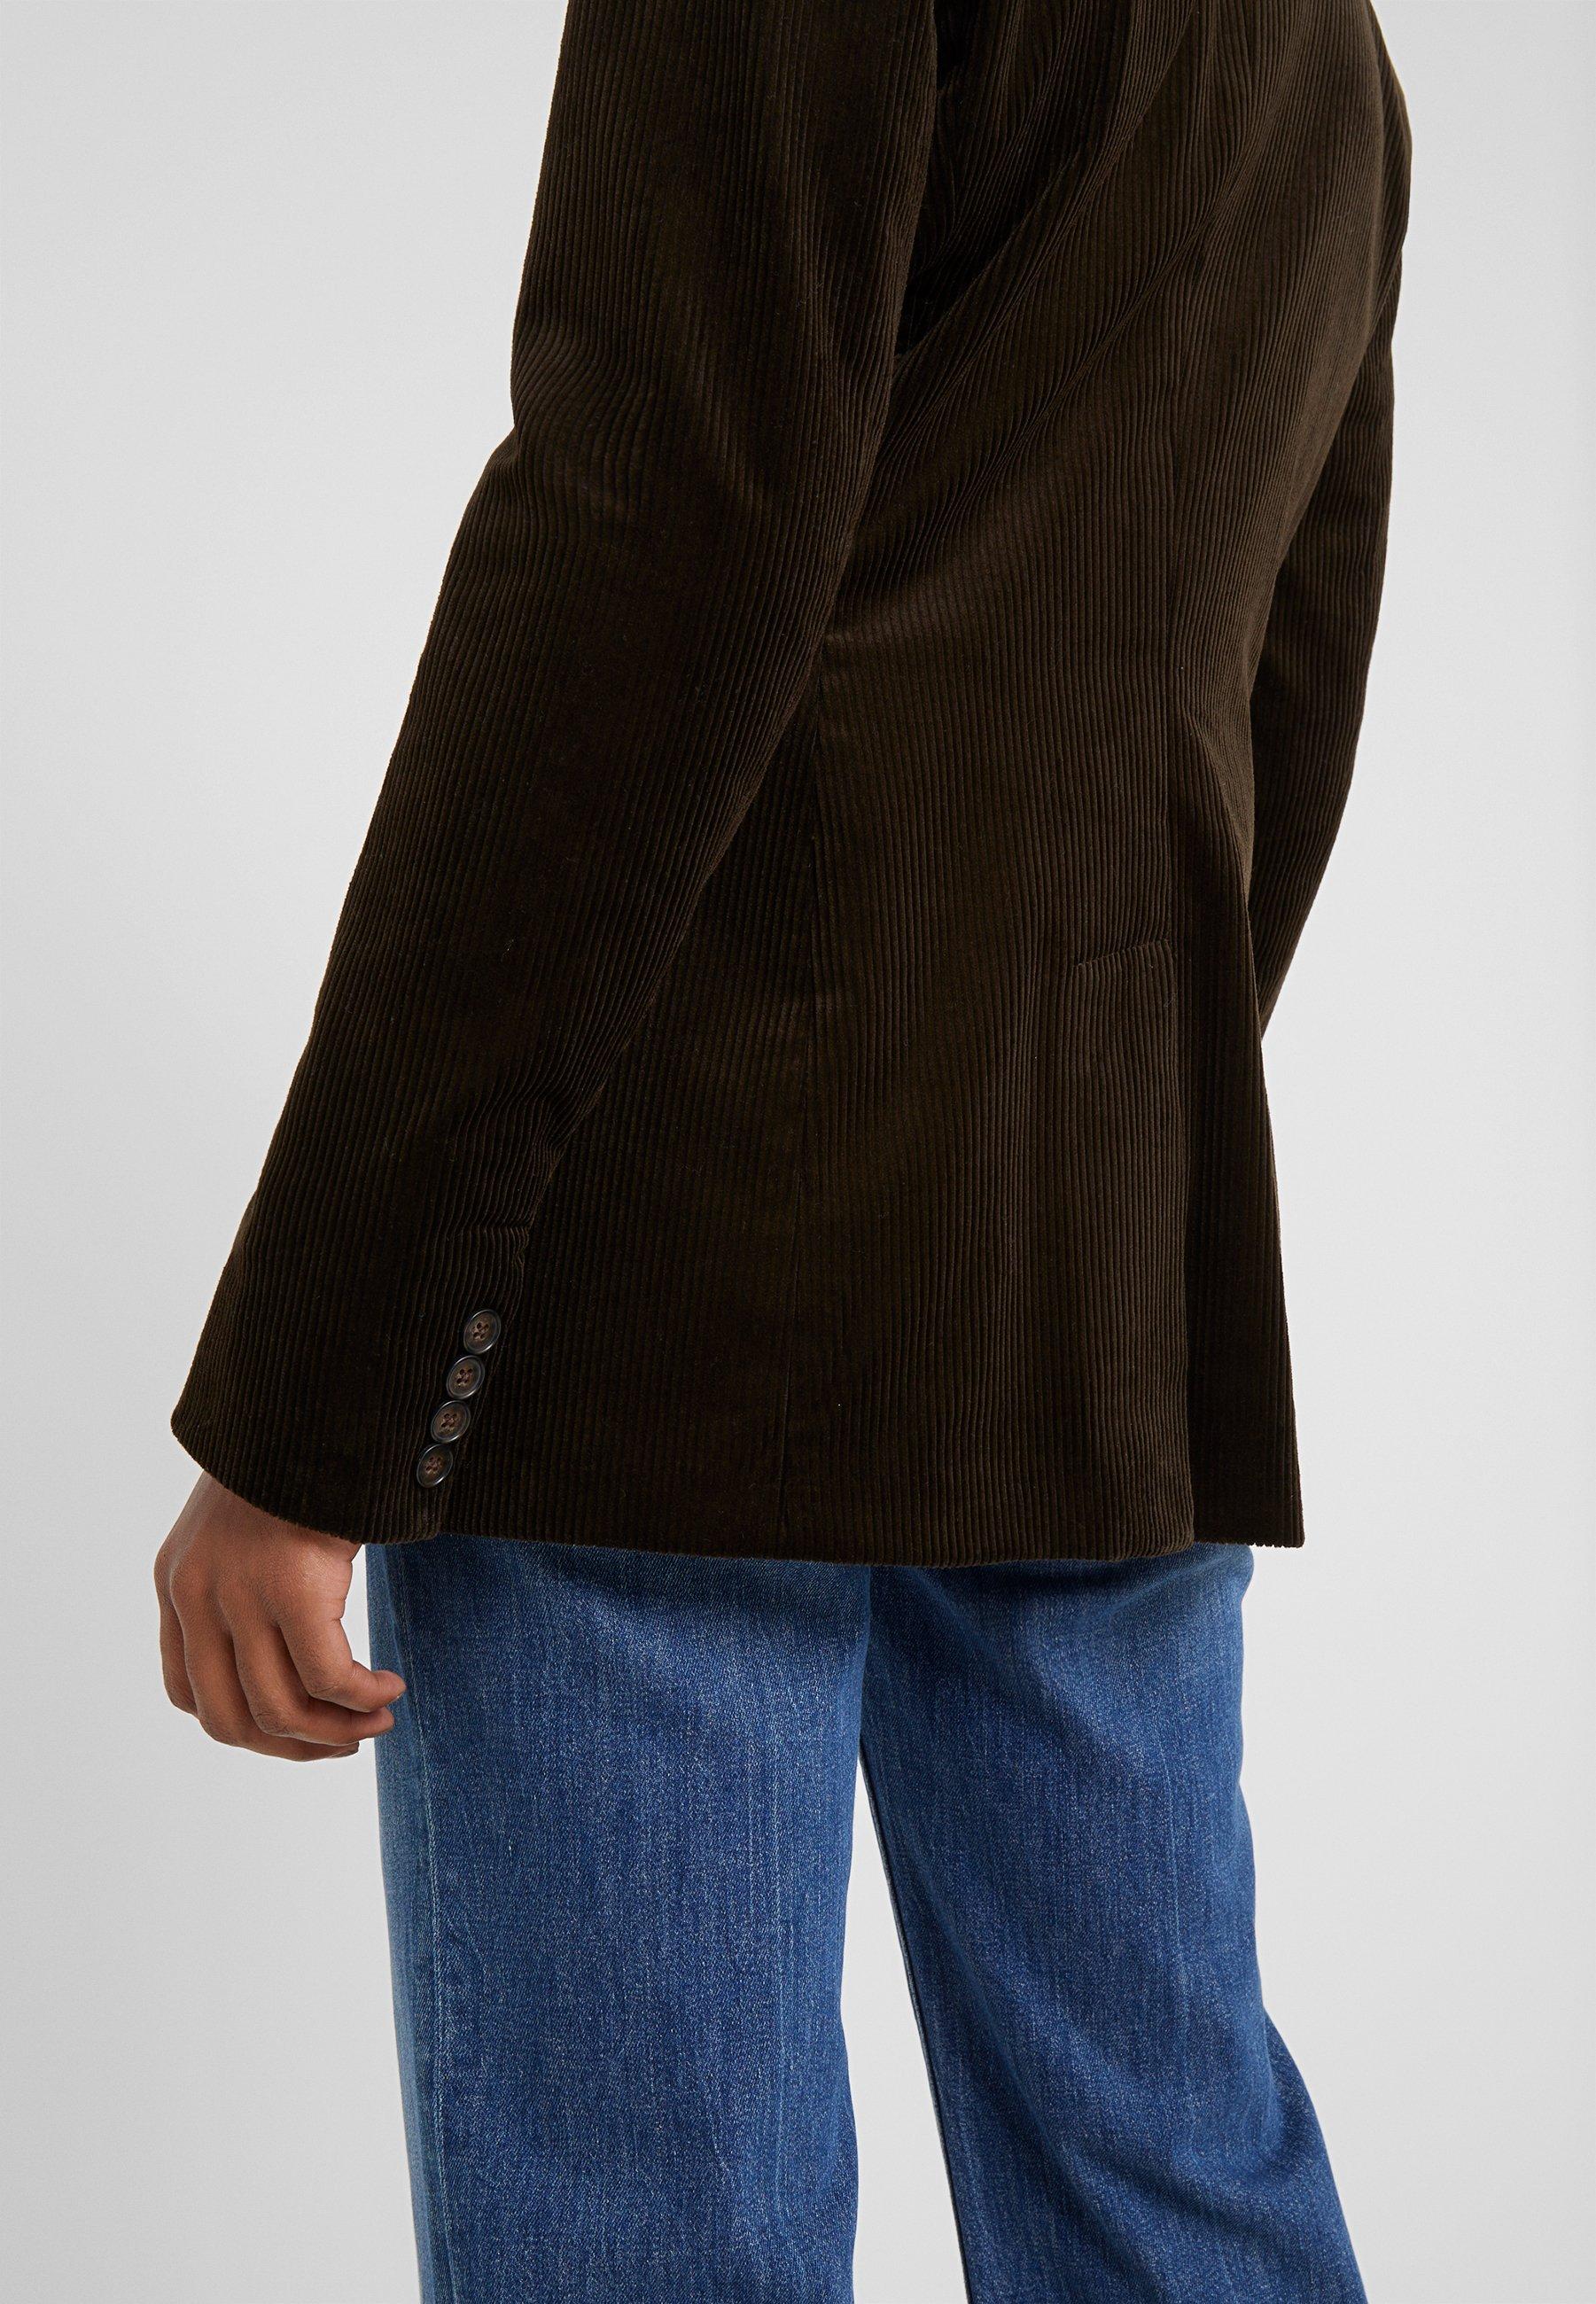 Ralph Brown Polo Lauren Blazer Antique UpqzMGSV